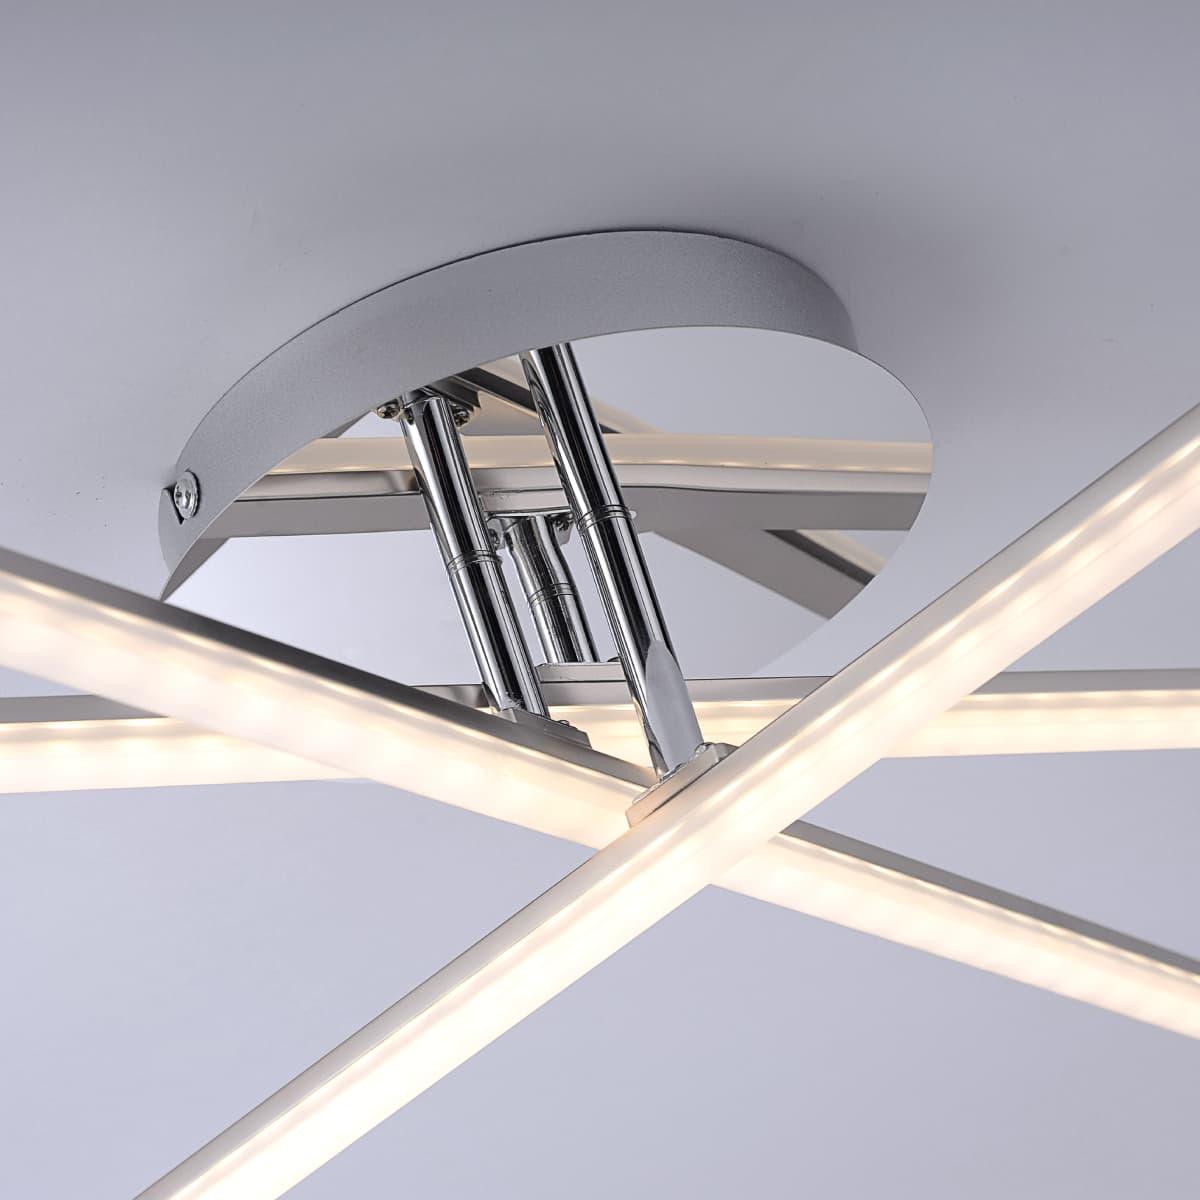 LED Deckenleuchte, stahl, drehbare Leuchtenarme